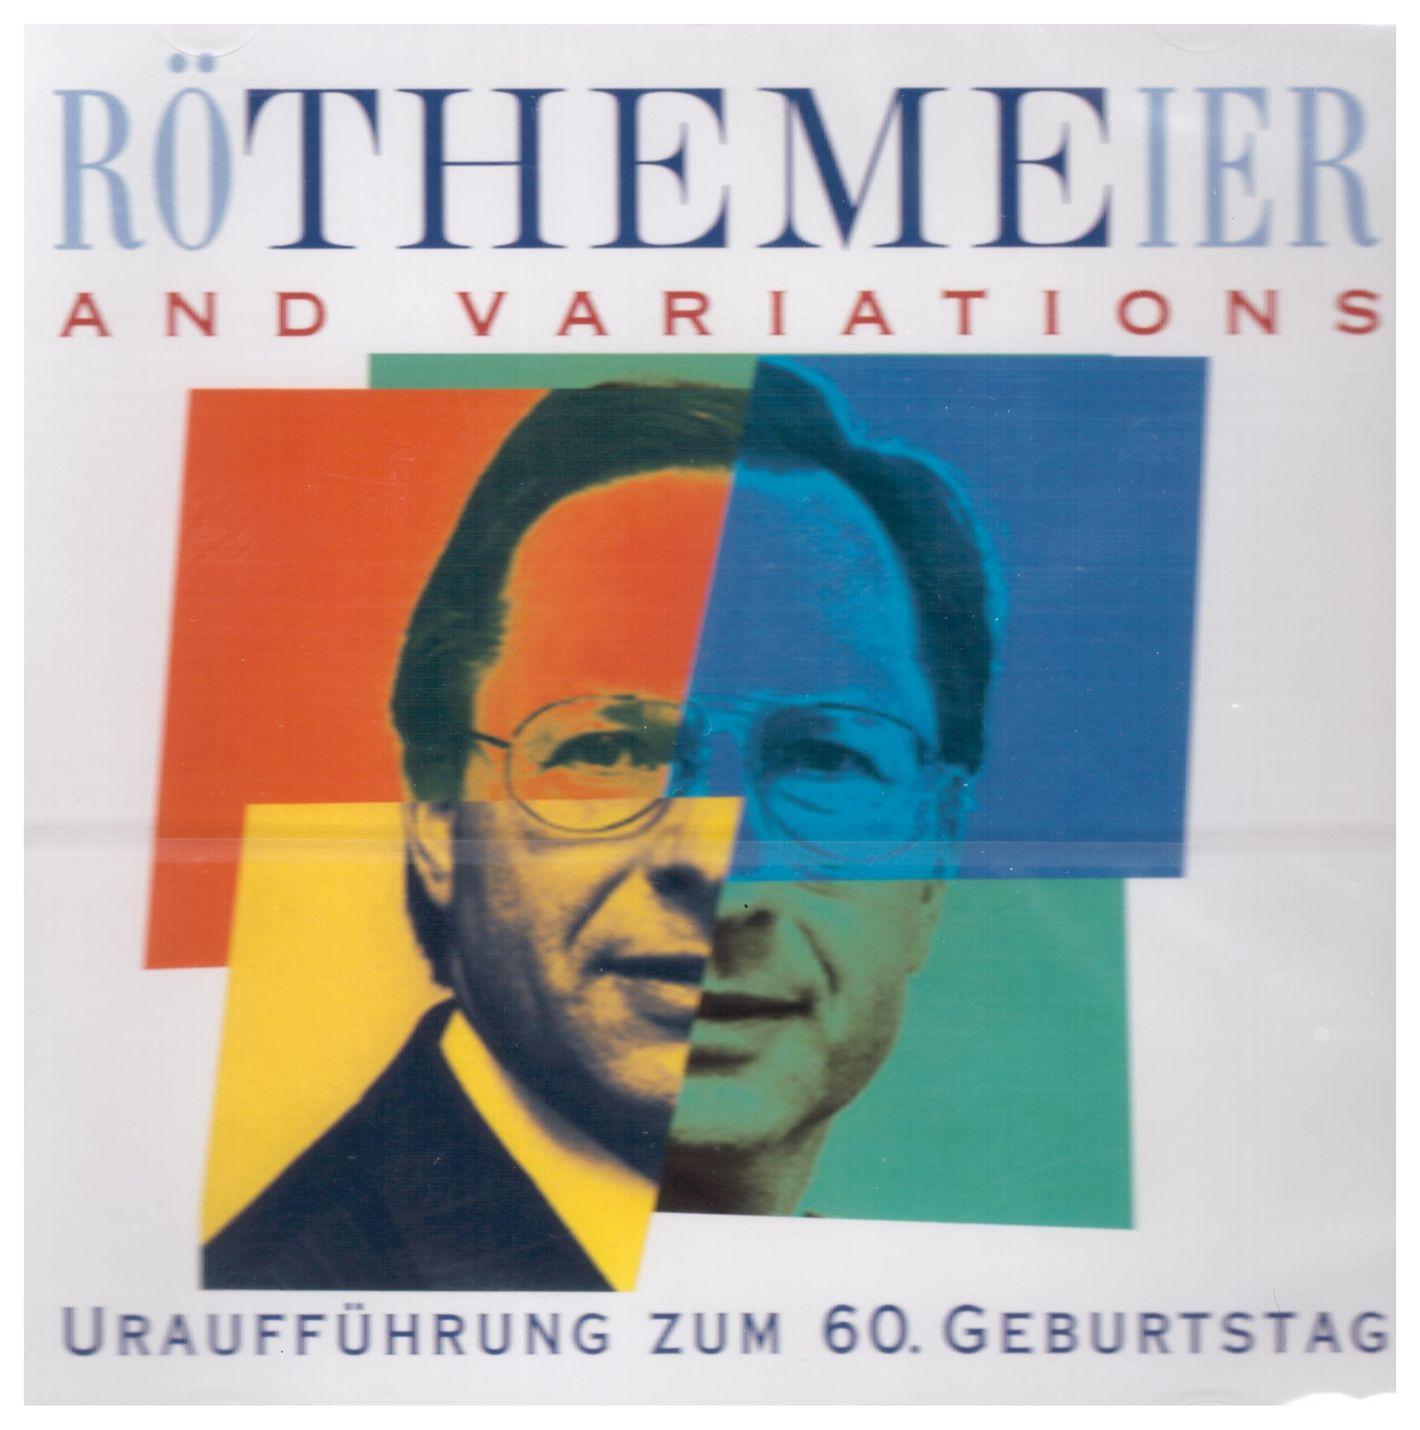 RöTHEMEier and Variations